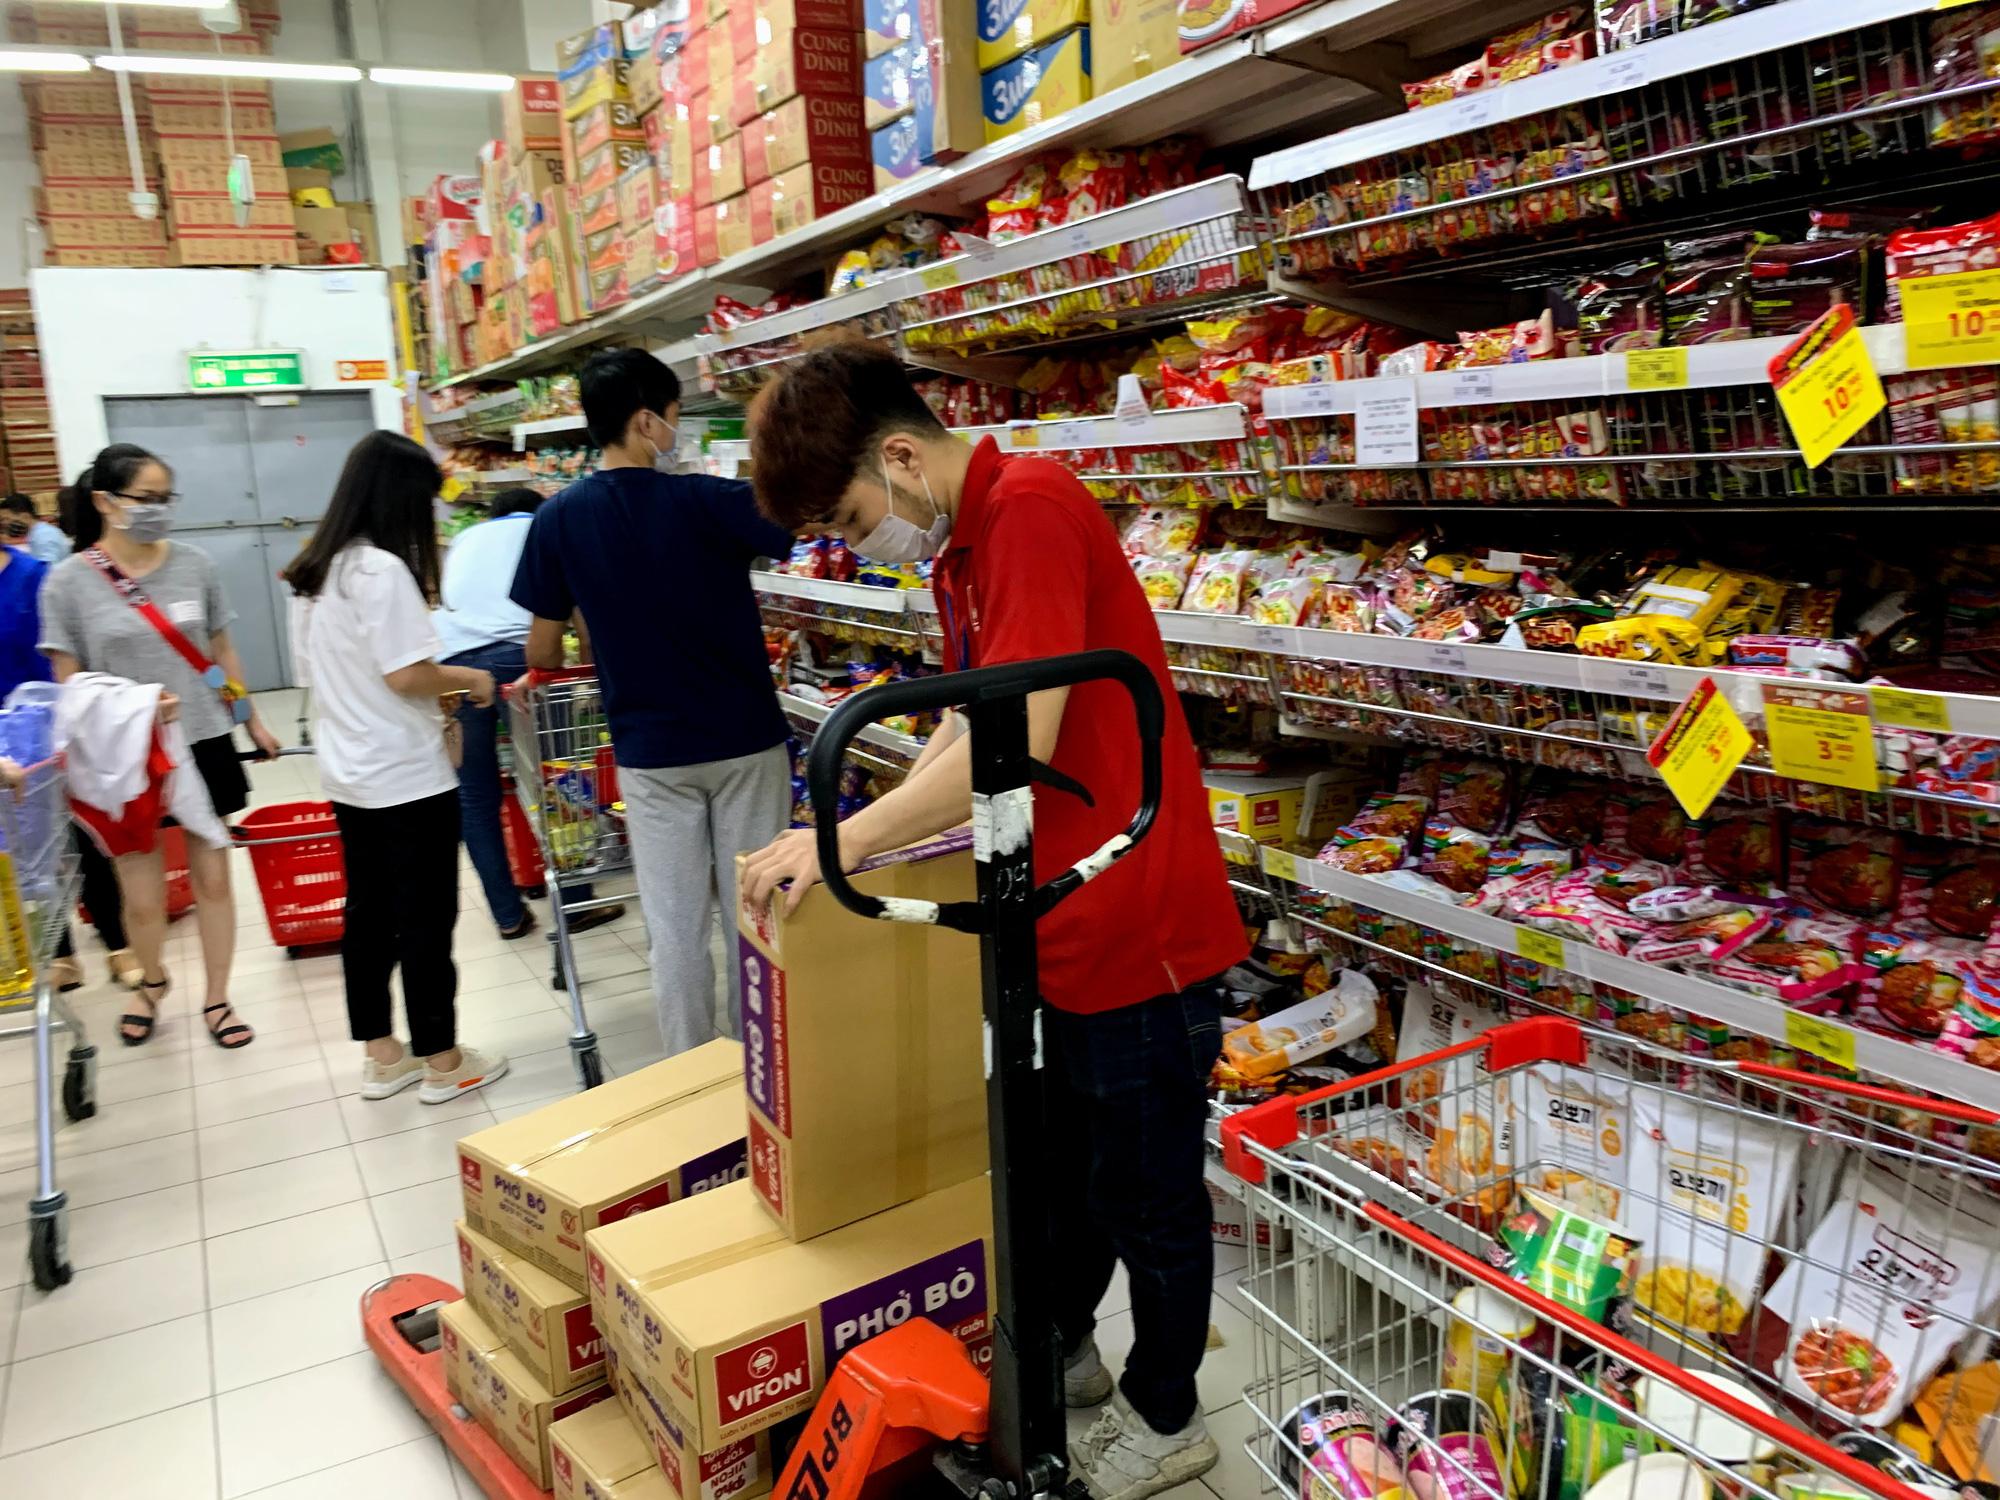 Trước giờ giới nghiêm, người Hà Nội ùn ùn kéo về siêu thị, mua sạch mì tôm, thực phẩm, giấy vệ sinh - Ảnh 6.